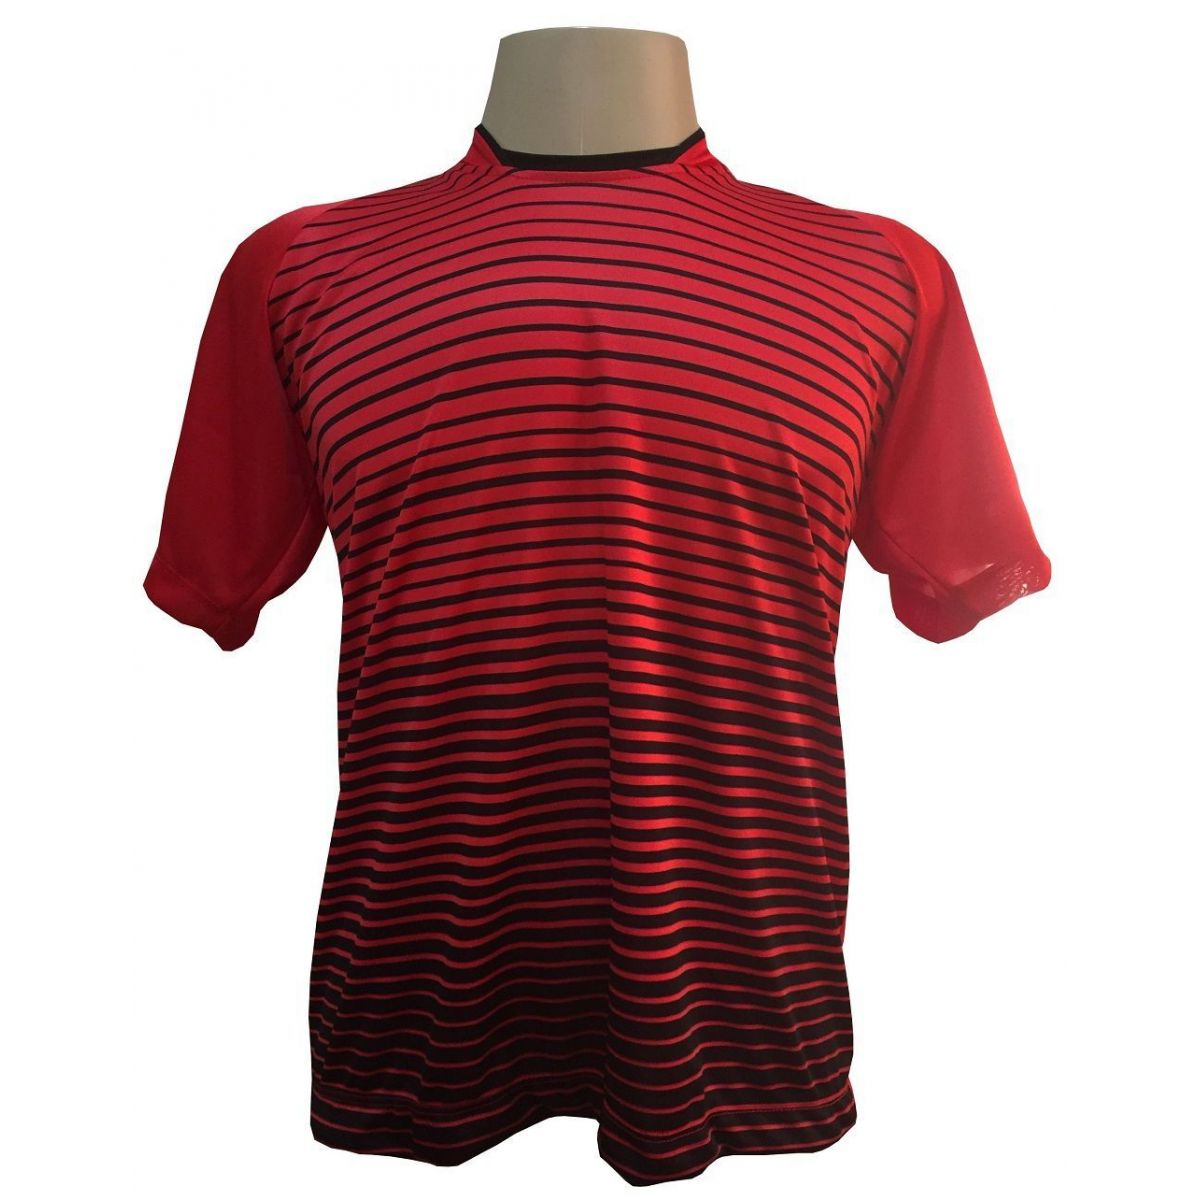 Uniforme Esportivo com 12 Camisas modelo City Vermelho/Preto + 12 Calções modelo Madrid Preto + 12 Pares de meiões Vermelho